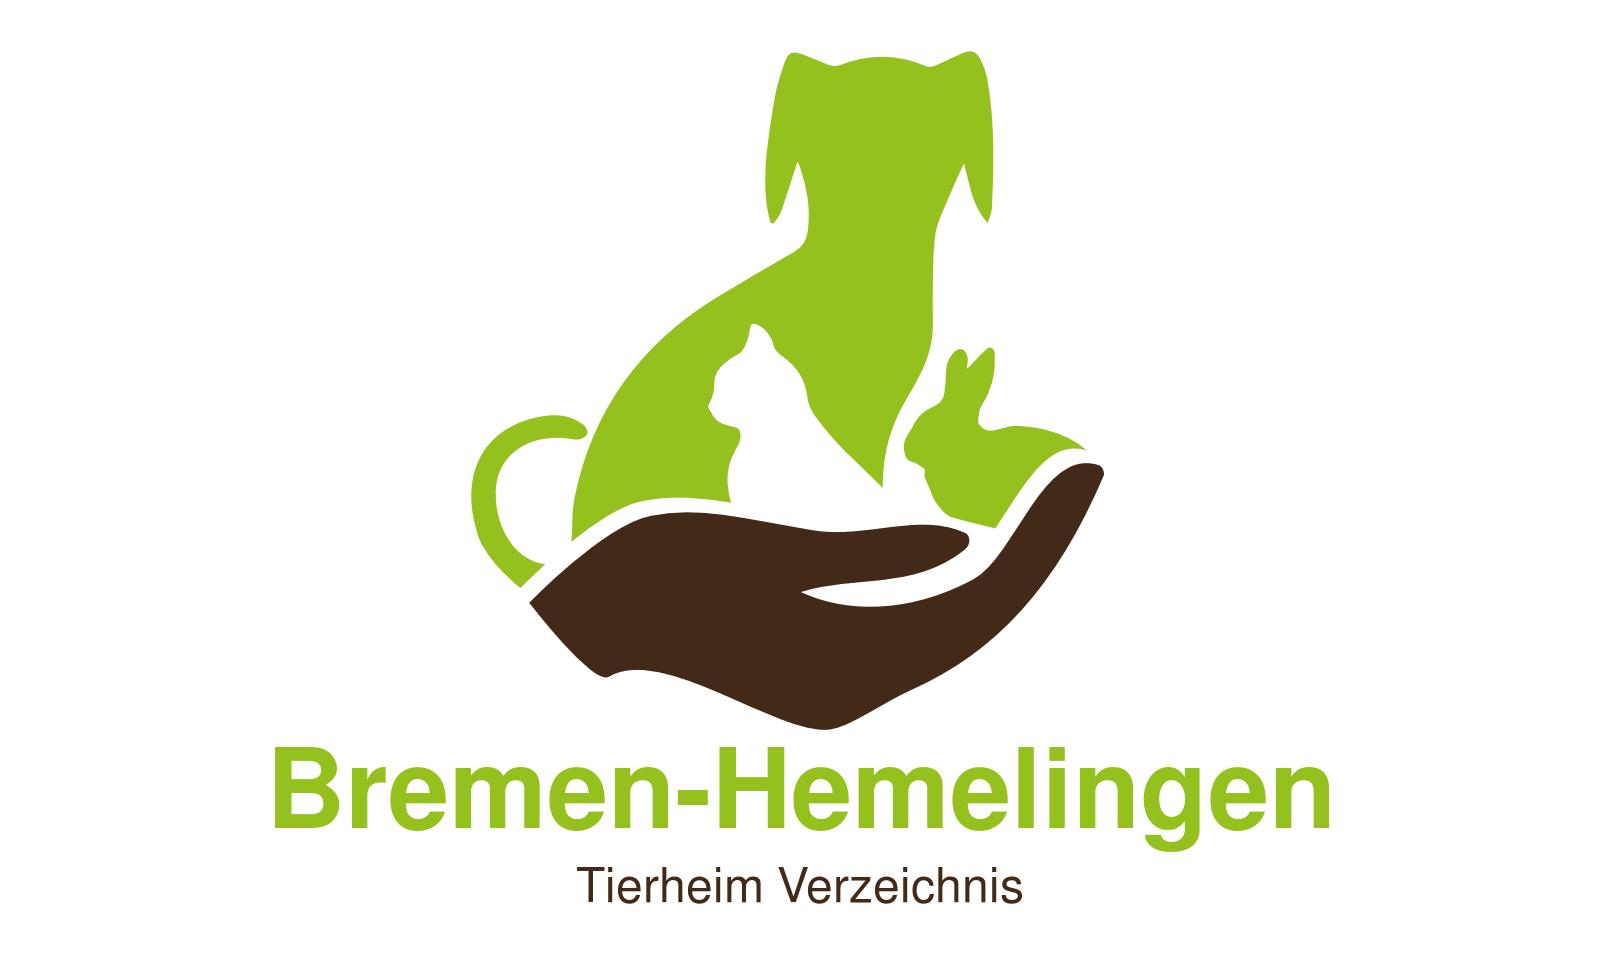 Tierheim Bremen Hemelingen